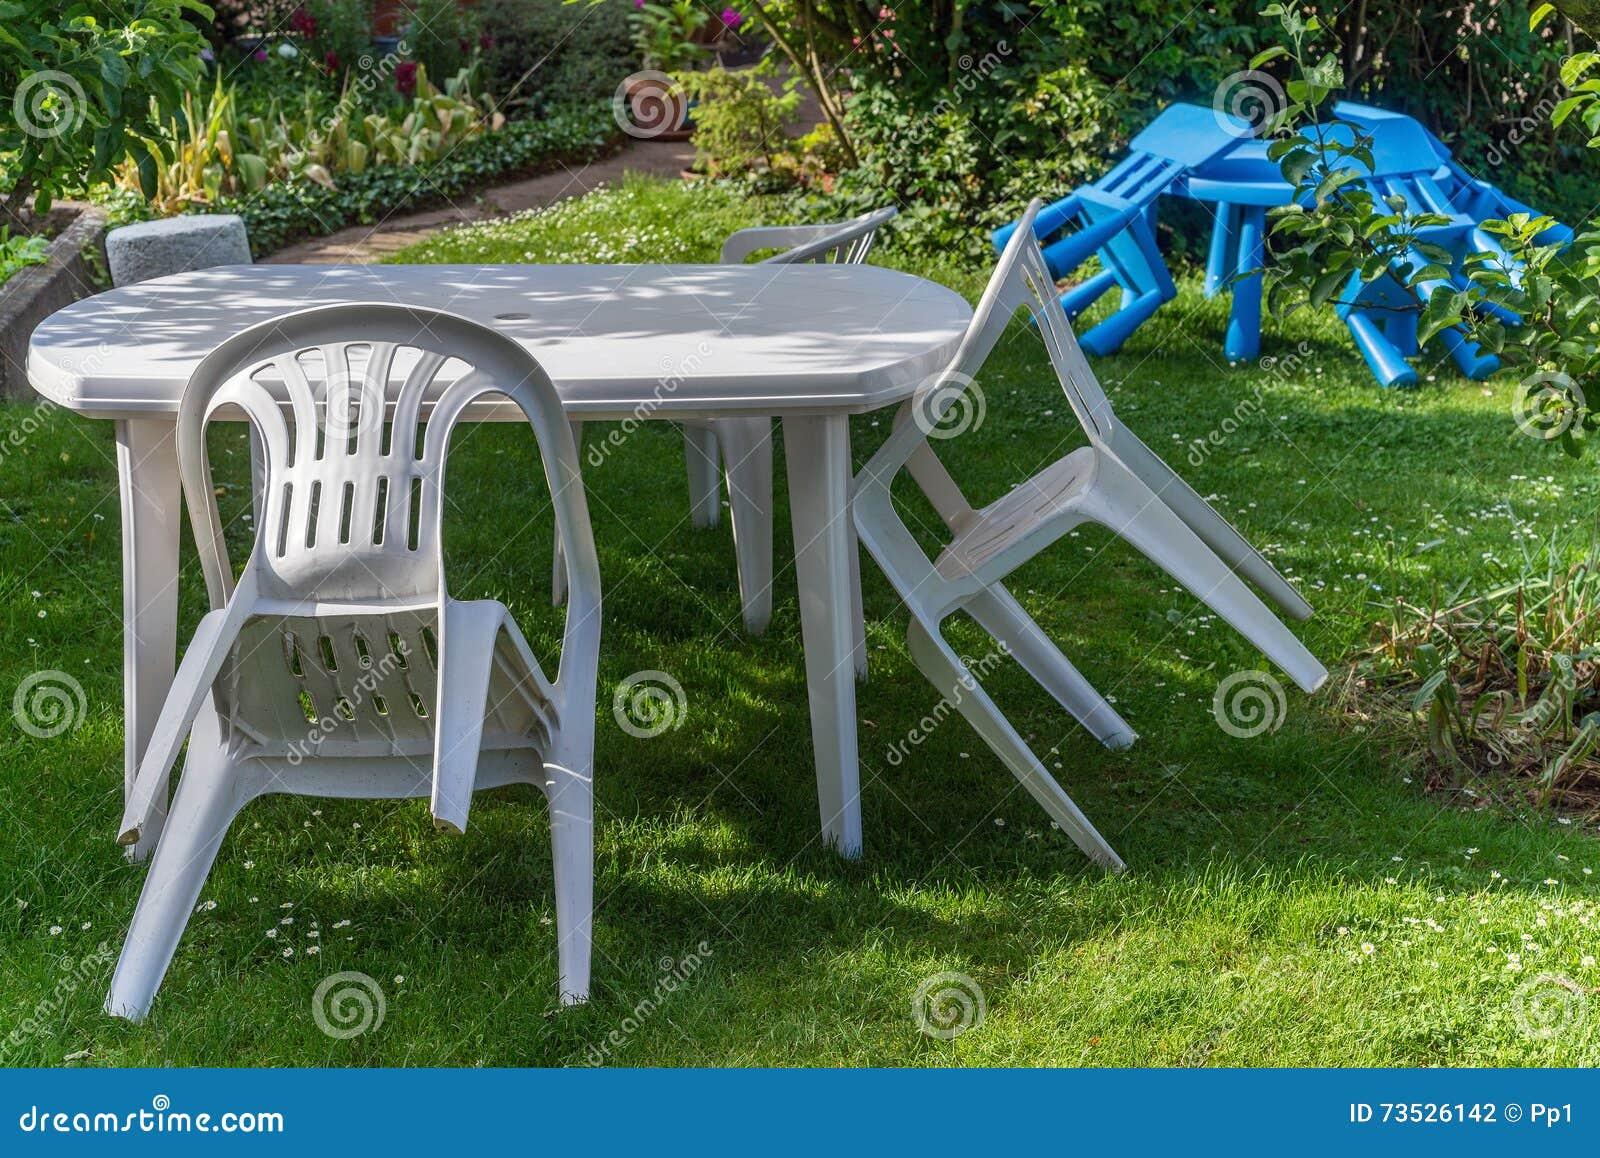 White Plastic Furniture Garden Chair Table Children Kids Lawn